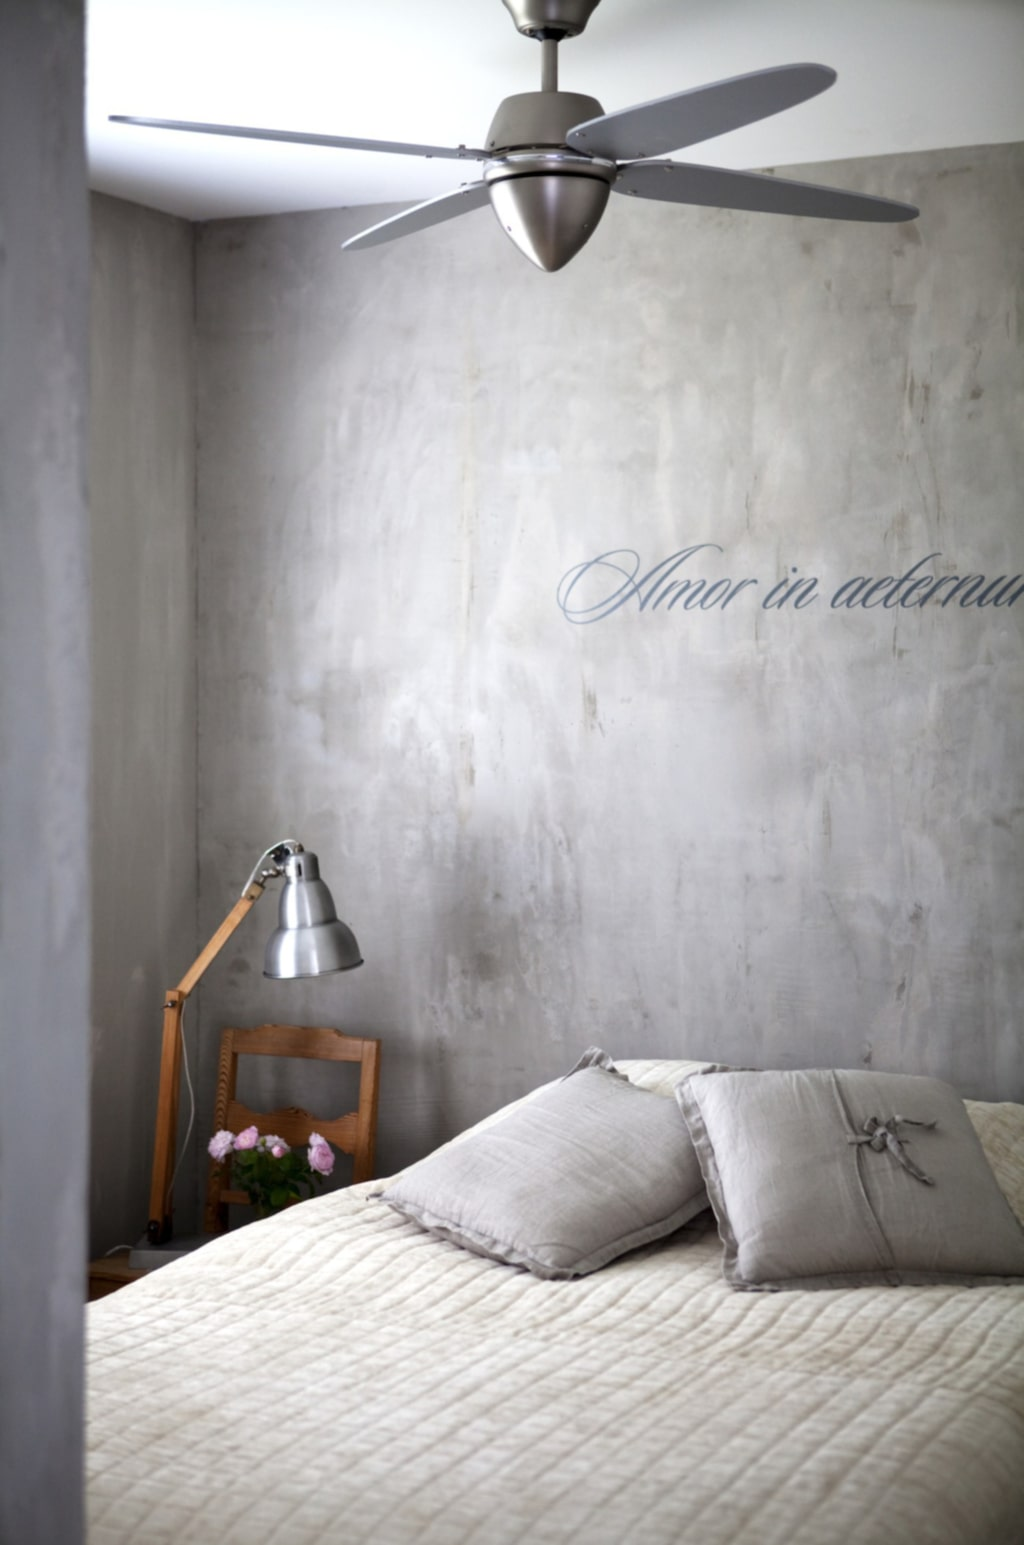 I det vilsamma sovrummet finns en ärvd trä stol och på den står en lampa från Bruka. Överkastet kommer från Engelska tapetmagasinet.. Kuddarna i linne kommer från Himla. Takfläkten i borstad aluminium ger skön svalka under varma sommarnätter och ger en kontinental look. I vanliga standarddörrar fälldes skjutdörrs handtag in. De mattsvarta dörrarna hängdes på räls som specialbyggdes av en lokal smed.